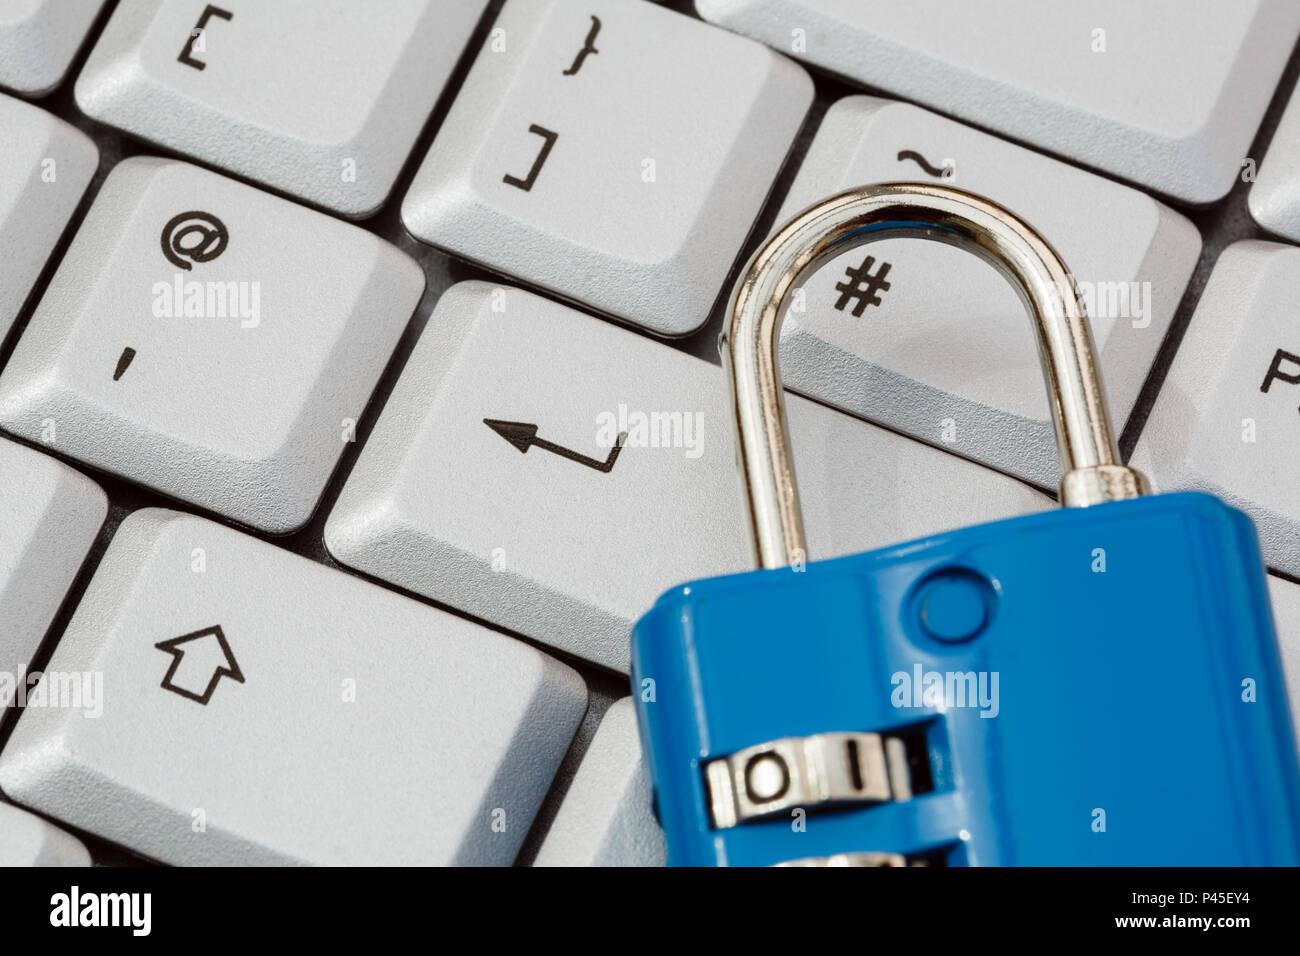 Un teclado con tecla INTRO y un candado para ilustrar online de protección de datos y seguridad cibernética GDPR concepto. Inglaterra Gran Bretaña UE Imagen De Stock